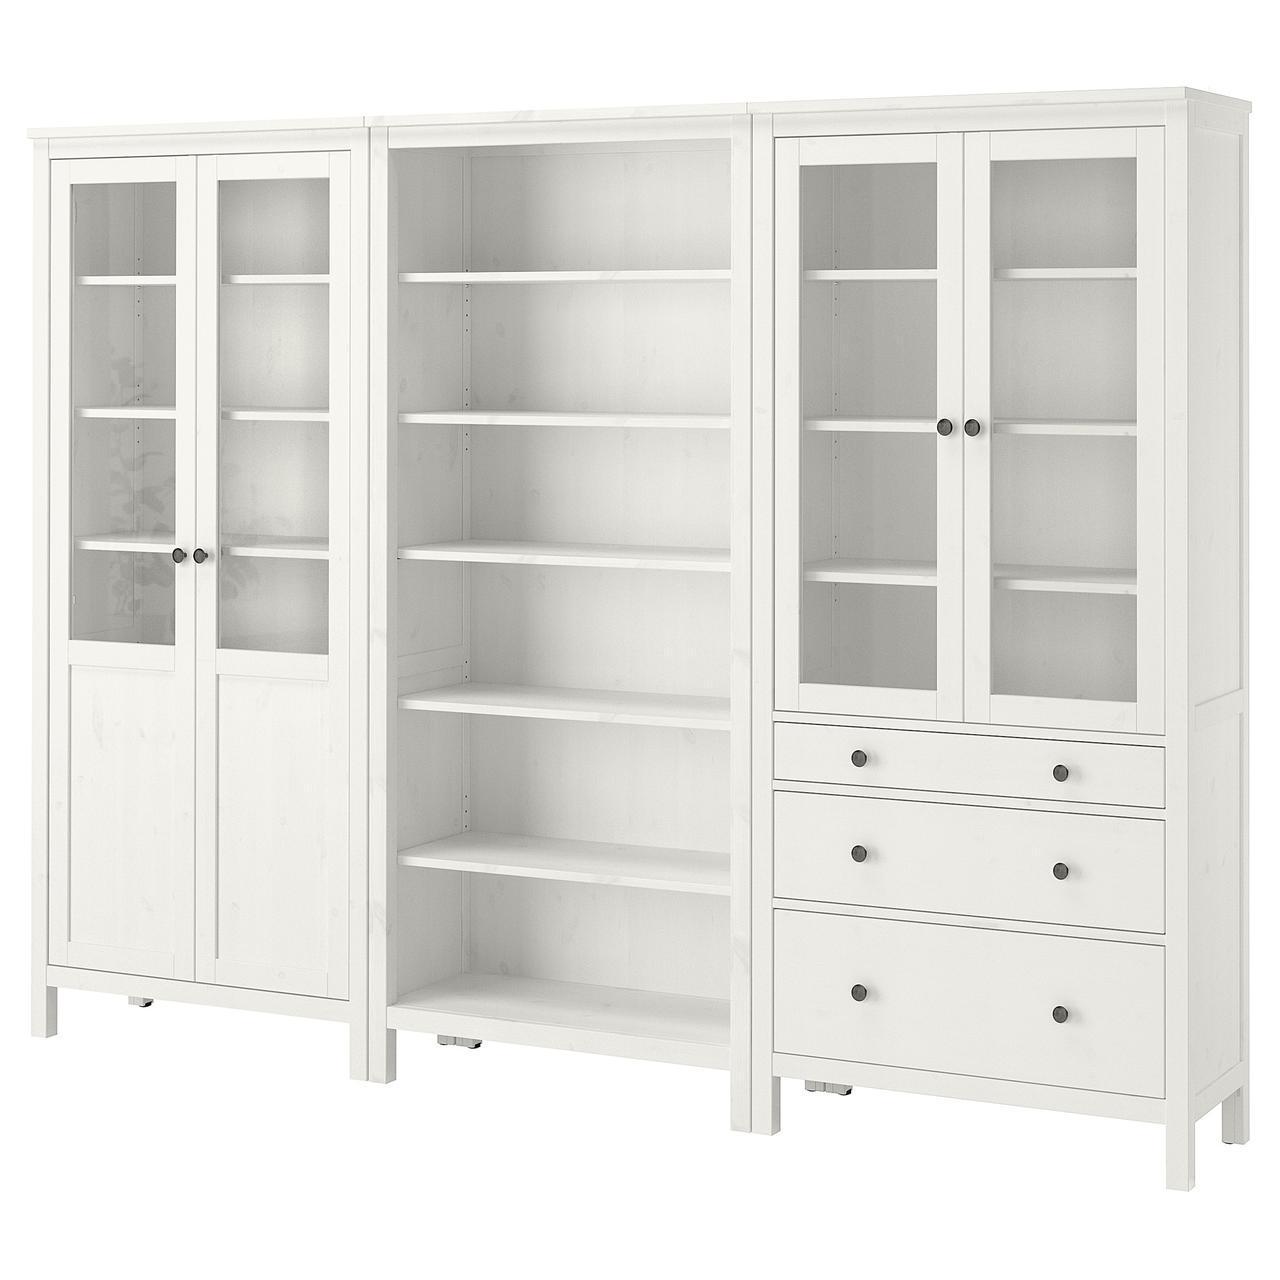 IKEA HEMNES Книжный шкаф с дверями, белая Морилка, стекло  (492.357.66)